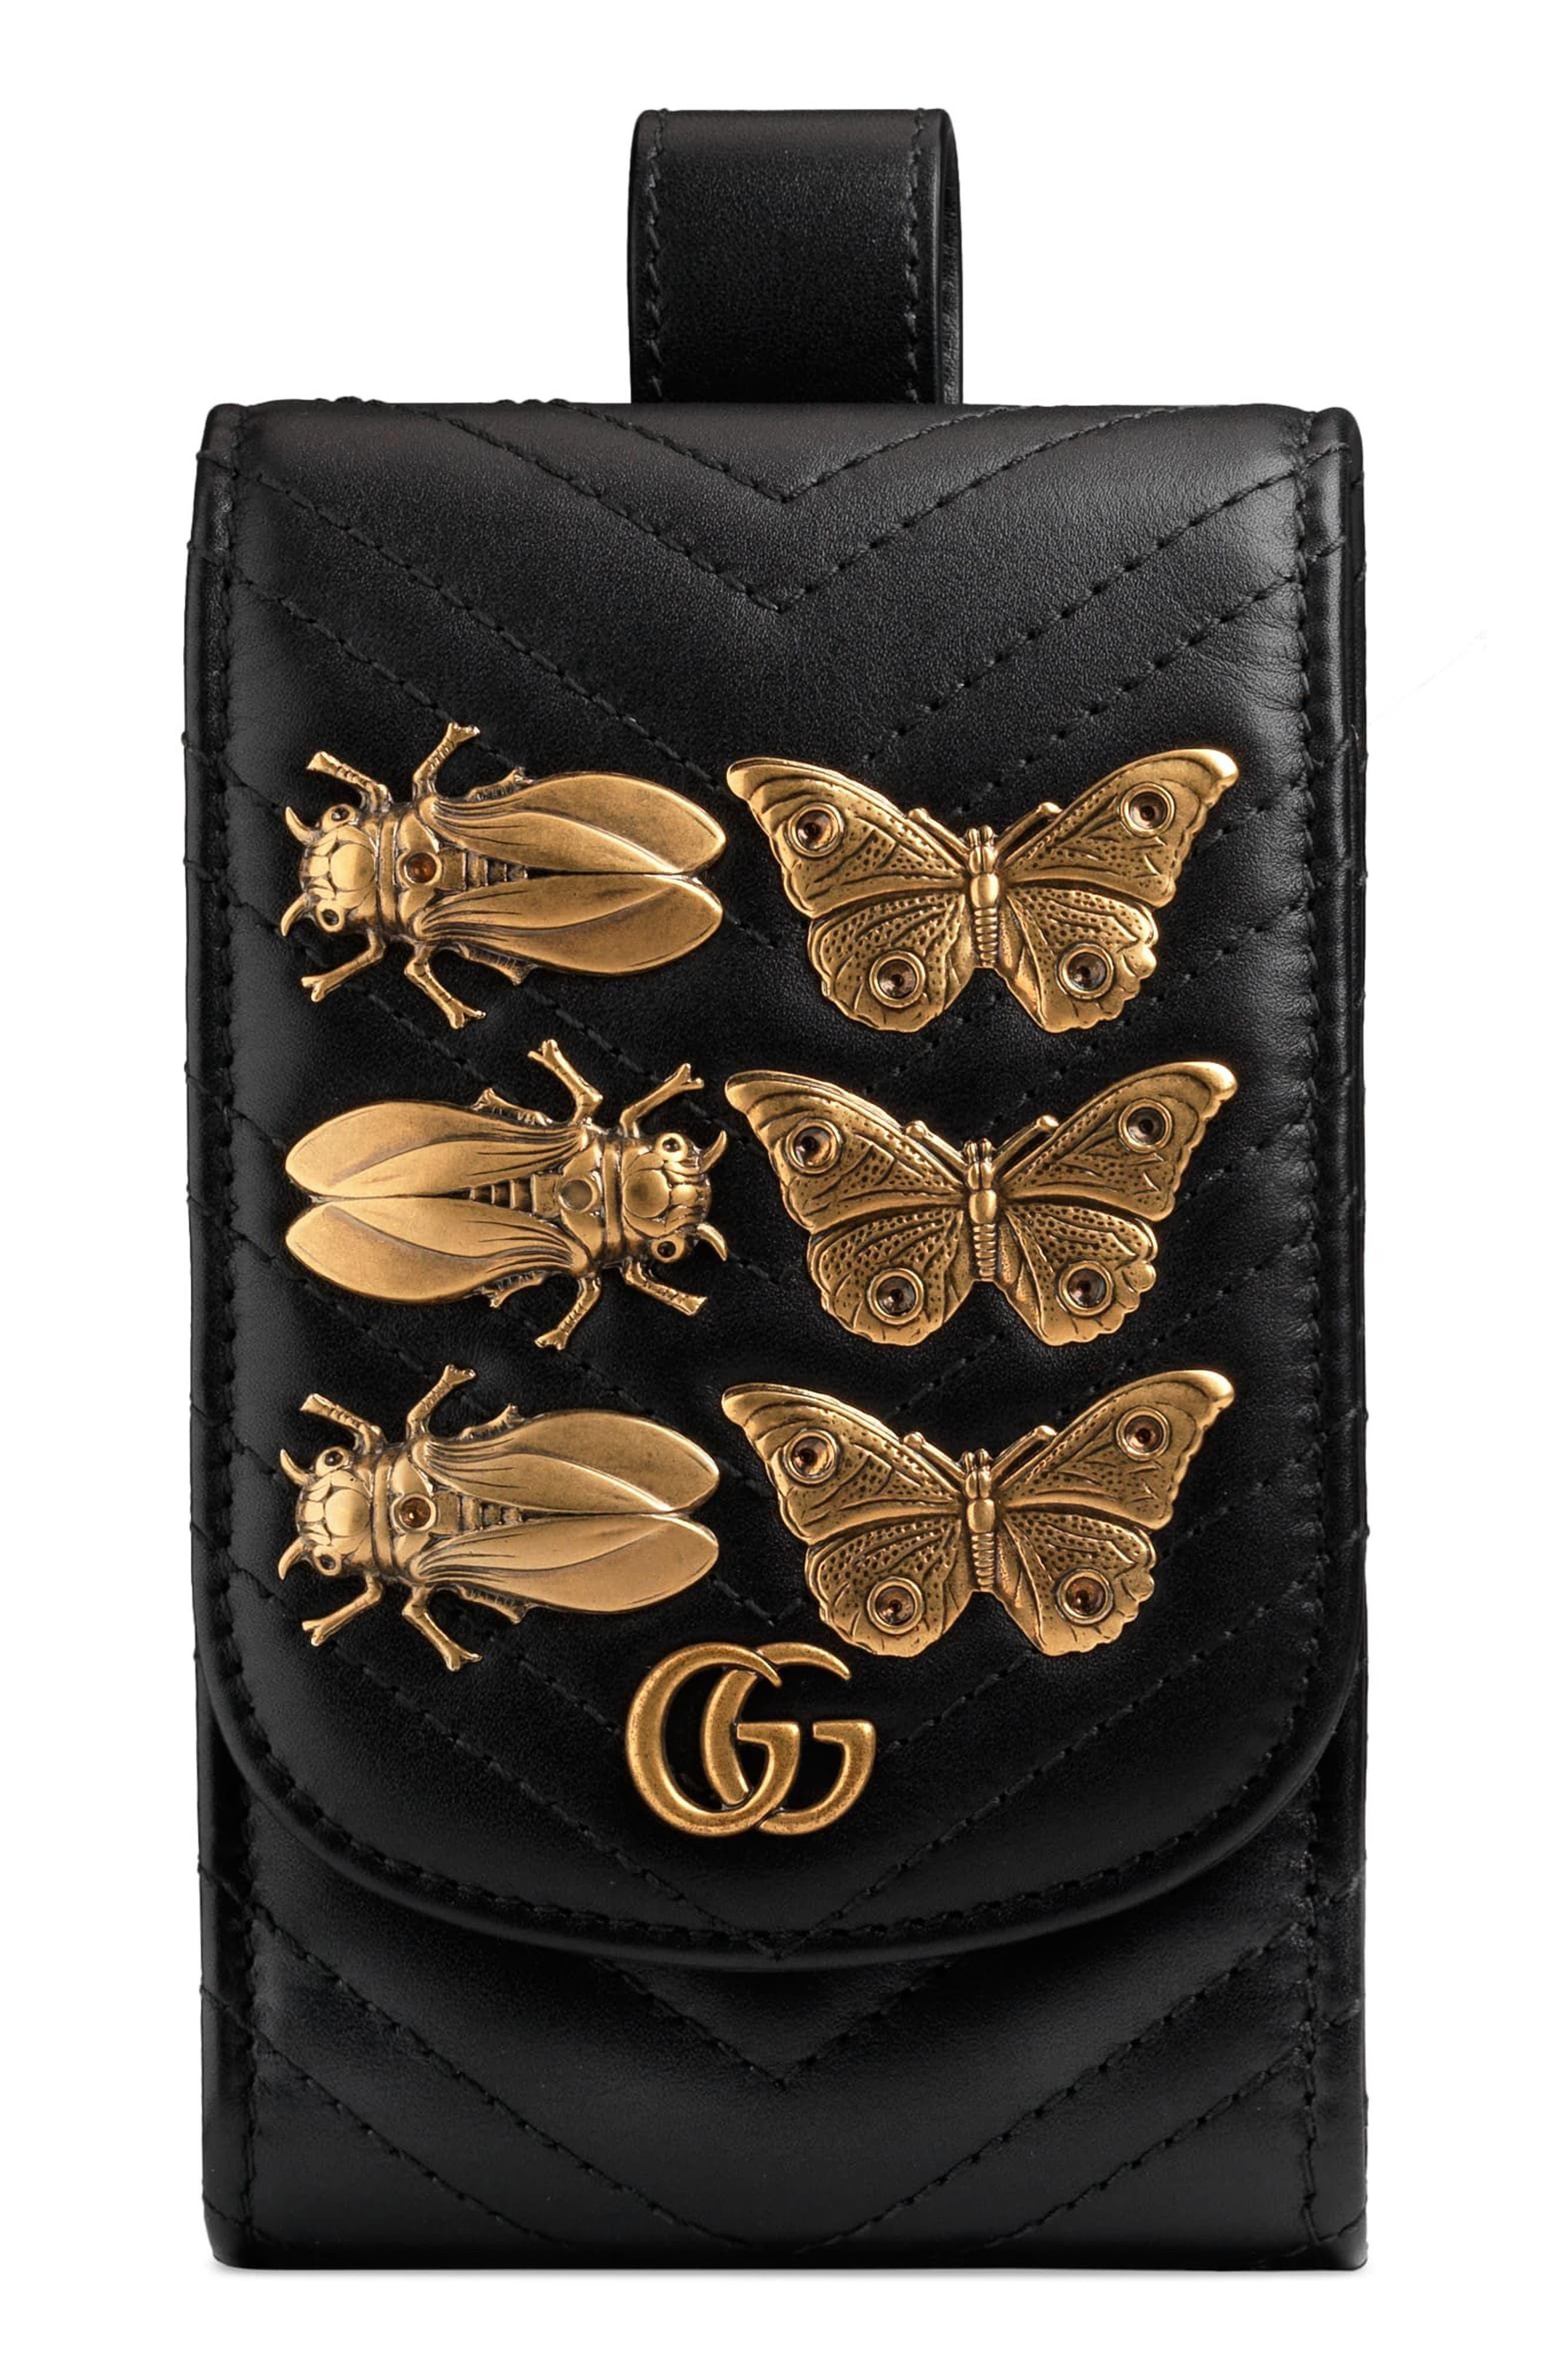 GG Marmont 2.0 Matelassé Leather Phone Case,                             Main thumbnail 1, color,